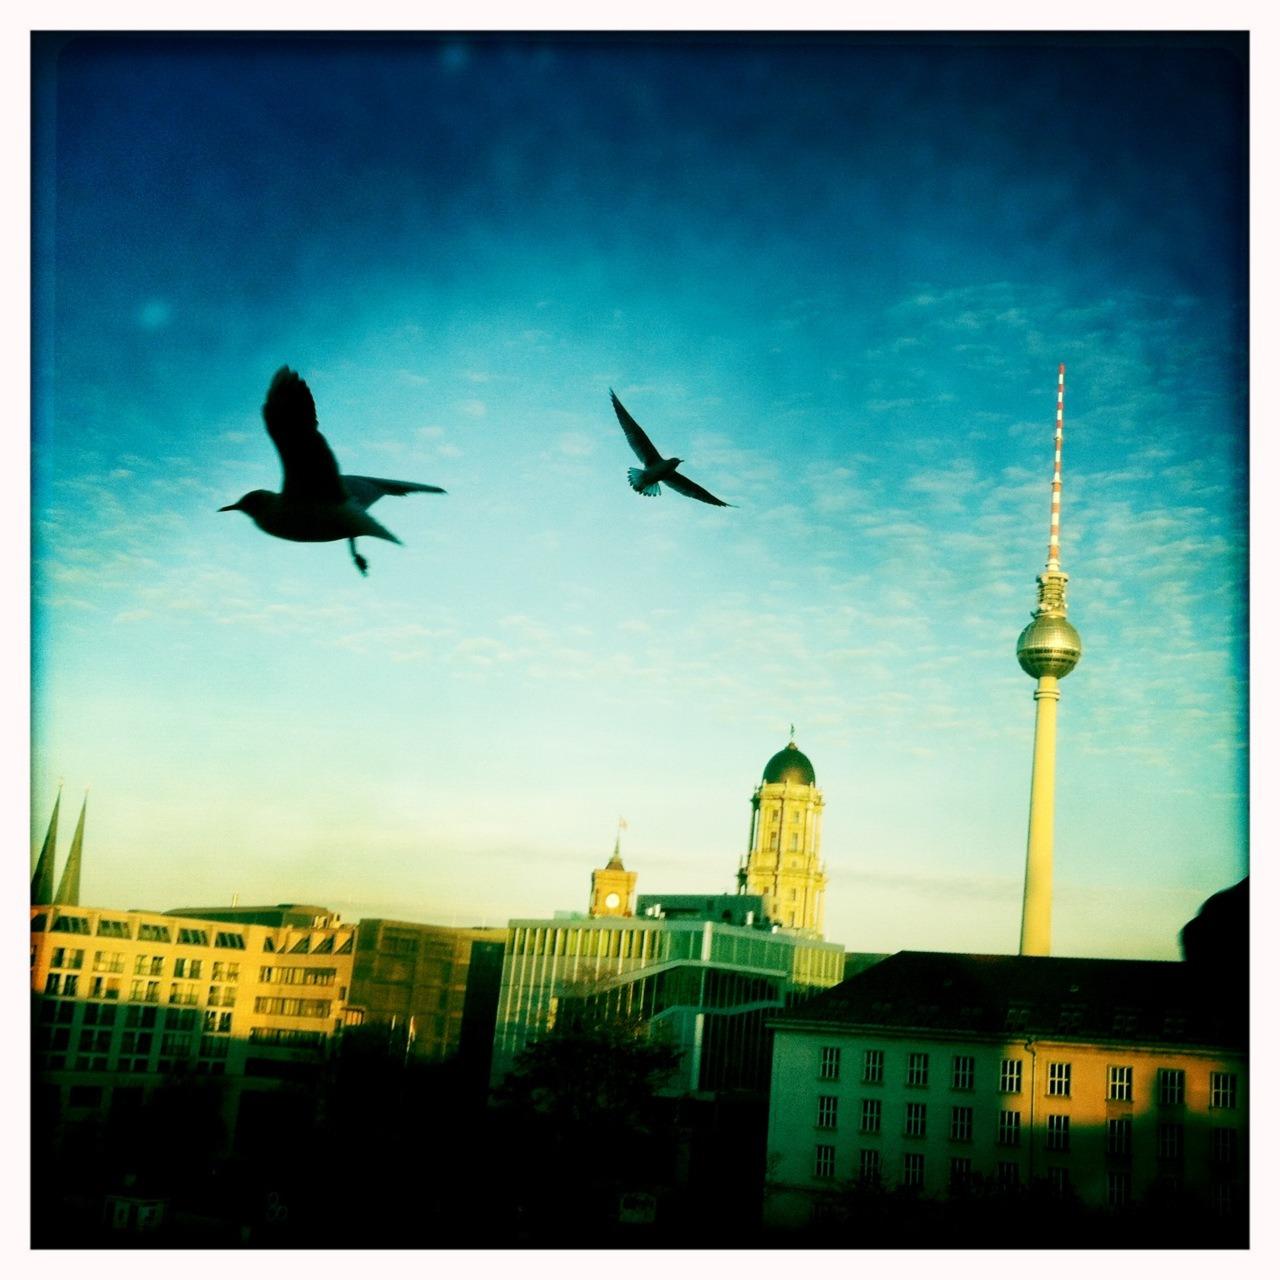 Berlim Oriental  John S Lens, Blanko Film, No Flash, Taken with  Hipstamatic